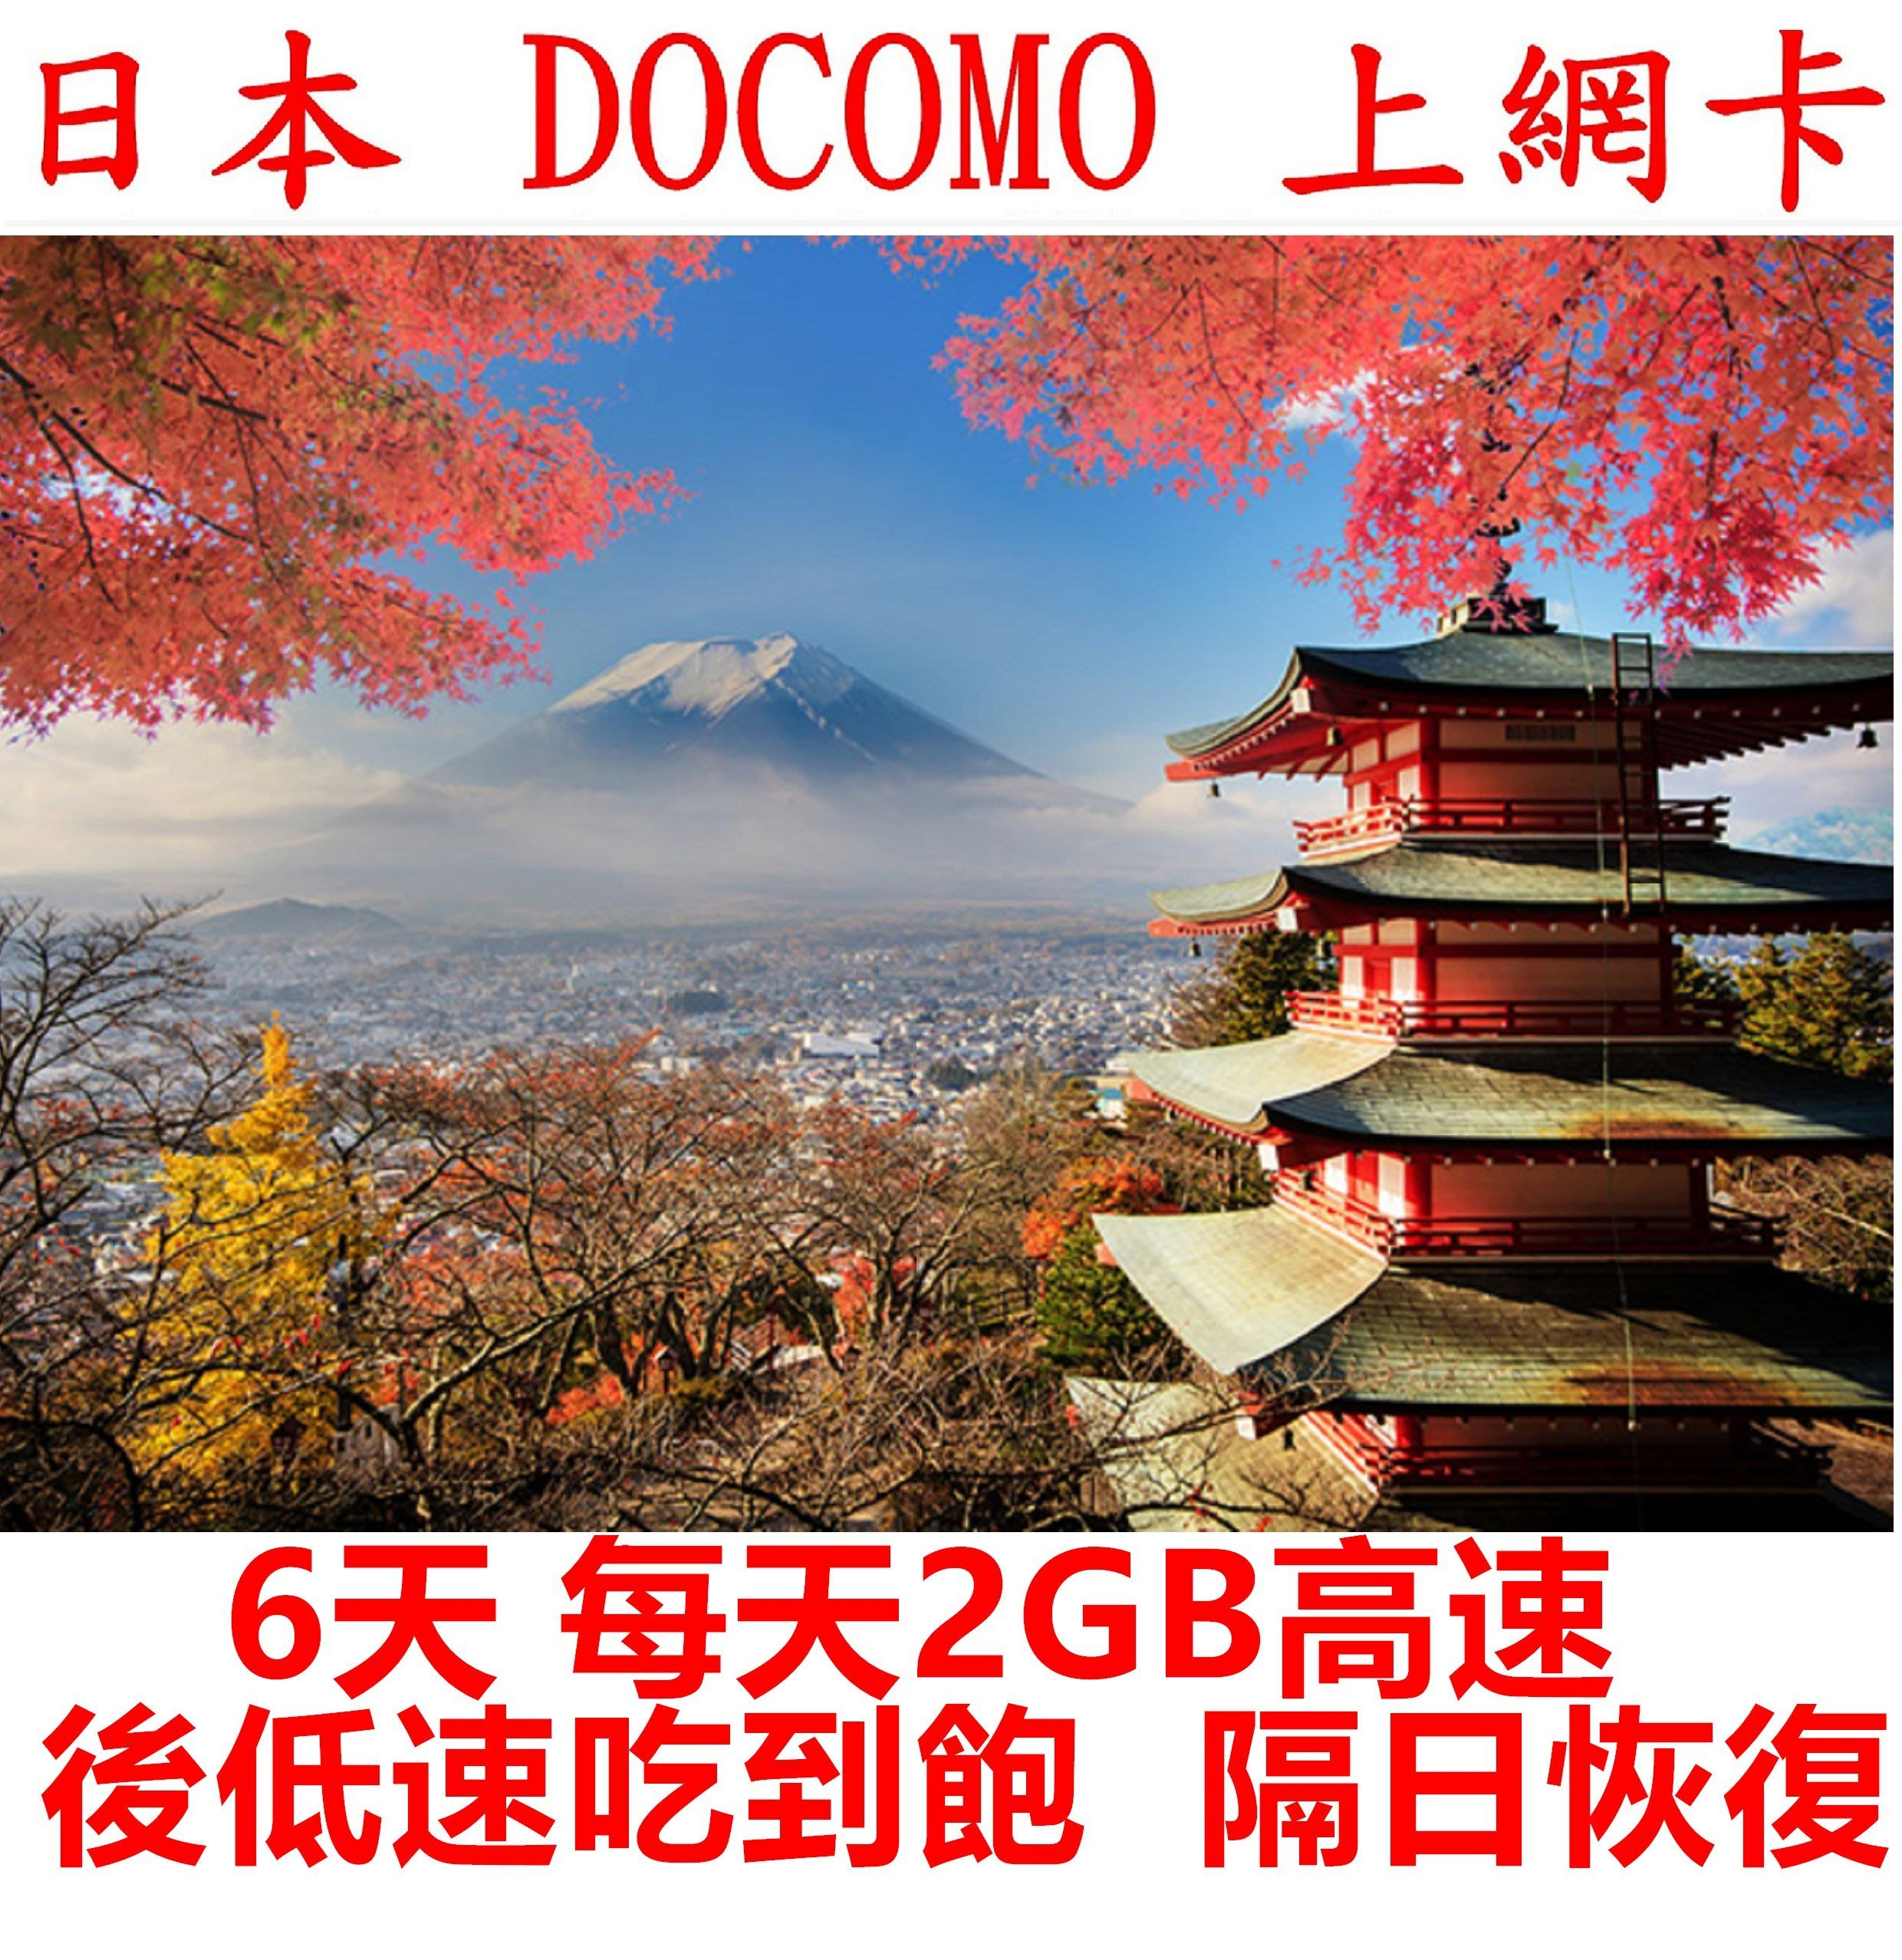 【杰元生活館】DoCoMo日本上網卡 6日 每日2GB高速 後降速128KBS吃到飽